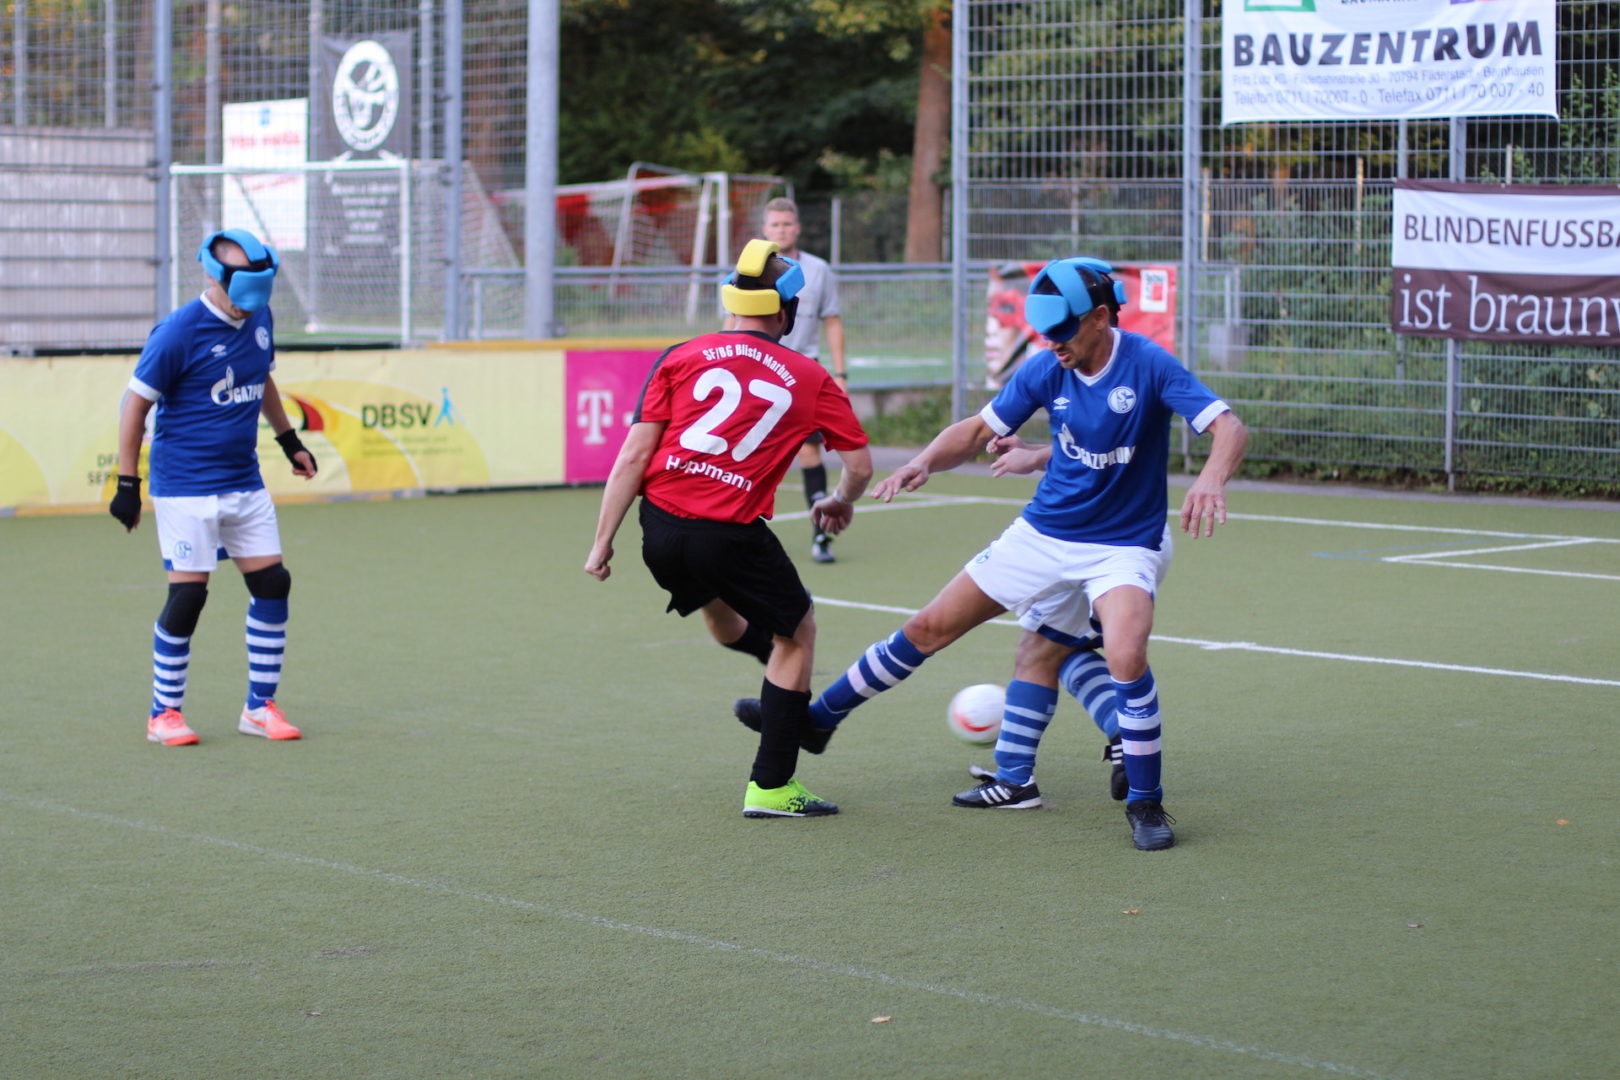 Neben Pektas versuchte auch Hoppmann, für Marburg offensiv Akzente zu setzen. Sein Schussversuch wird von zwei Schalker Verteidigern abgeblockt, Foto: Felix Amrhein.